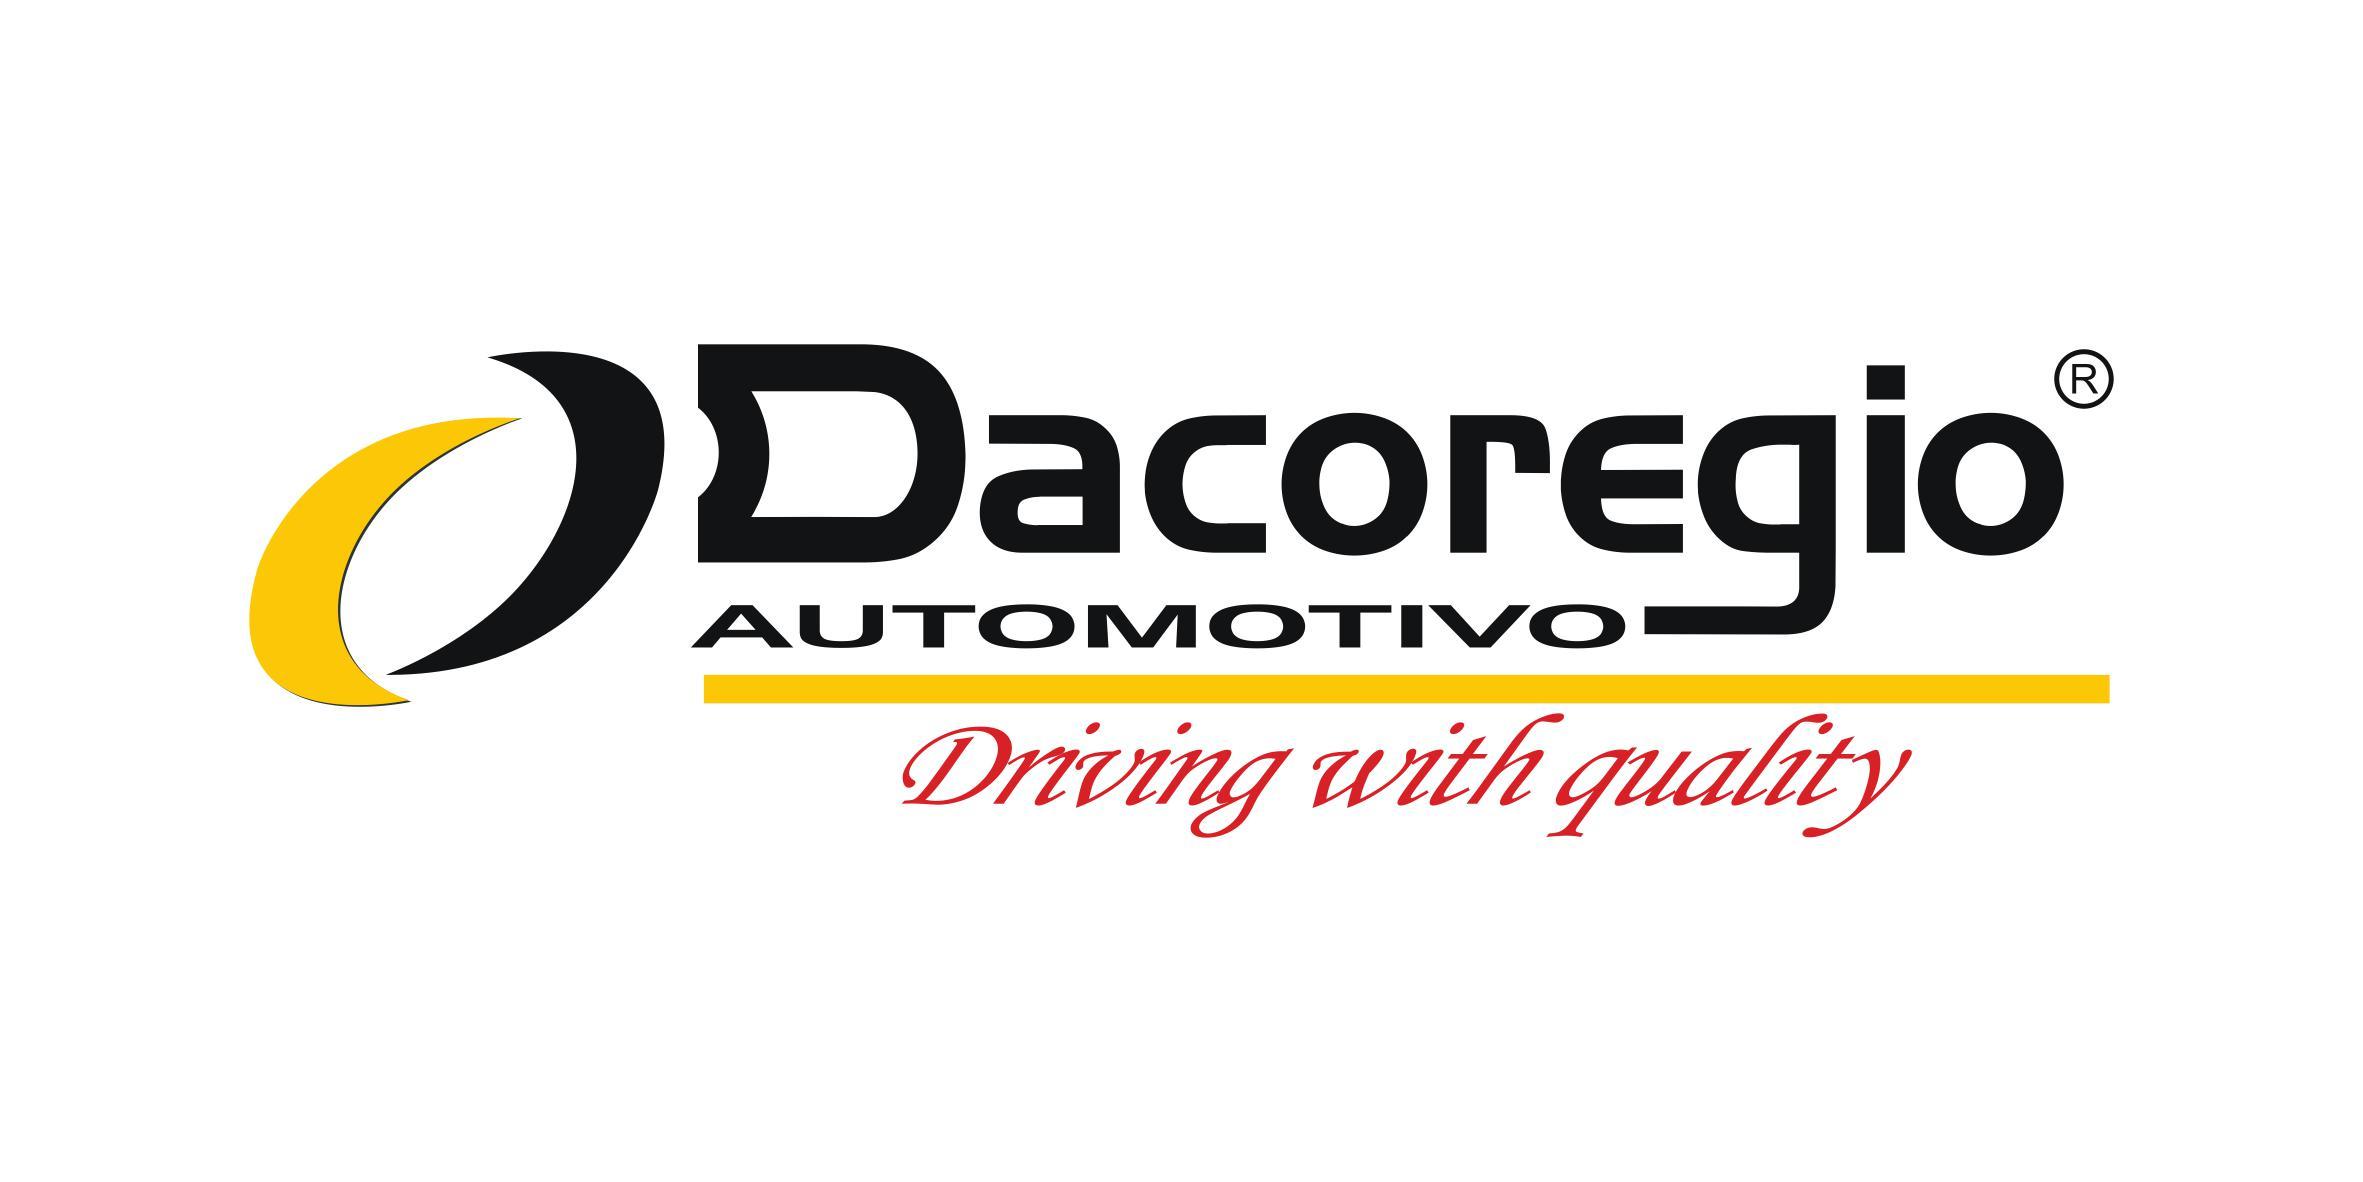 25% em serviços (alinhamento, balanceamento, serviço de freios e suspensão) e 8% em peças, pneus e rodas em geral.